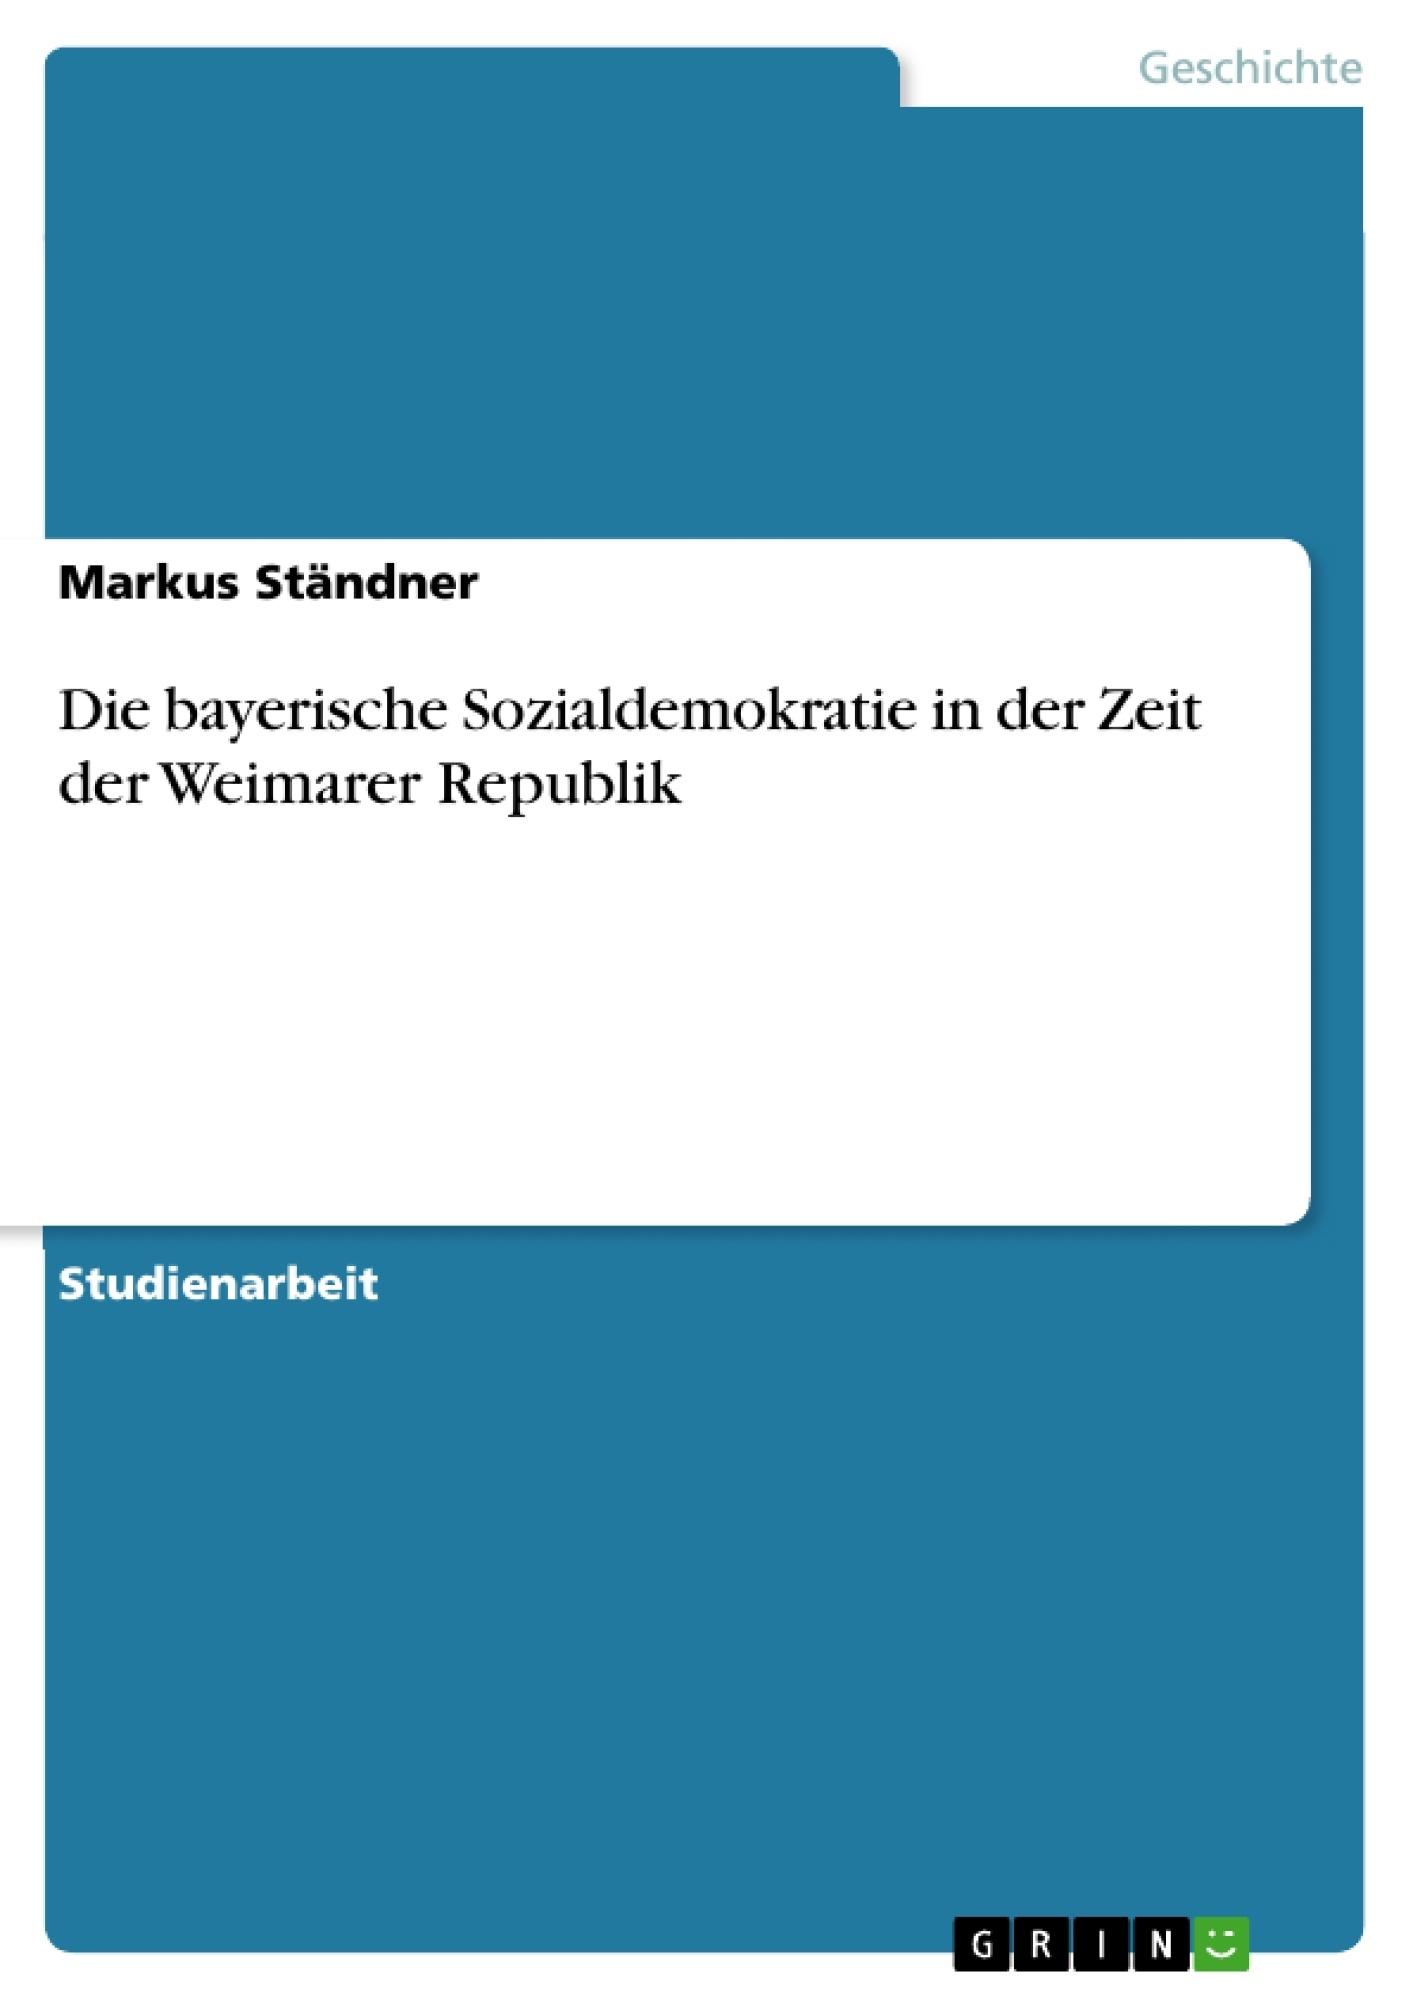 Titel: Die bayerische Sozialdemokratie in der Zeit der Weimarer Republik